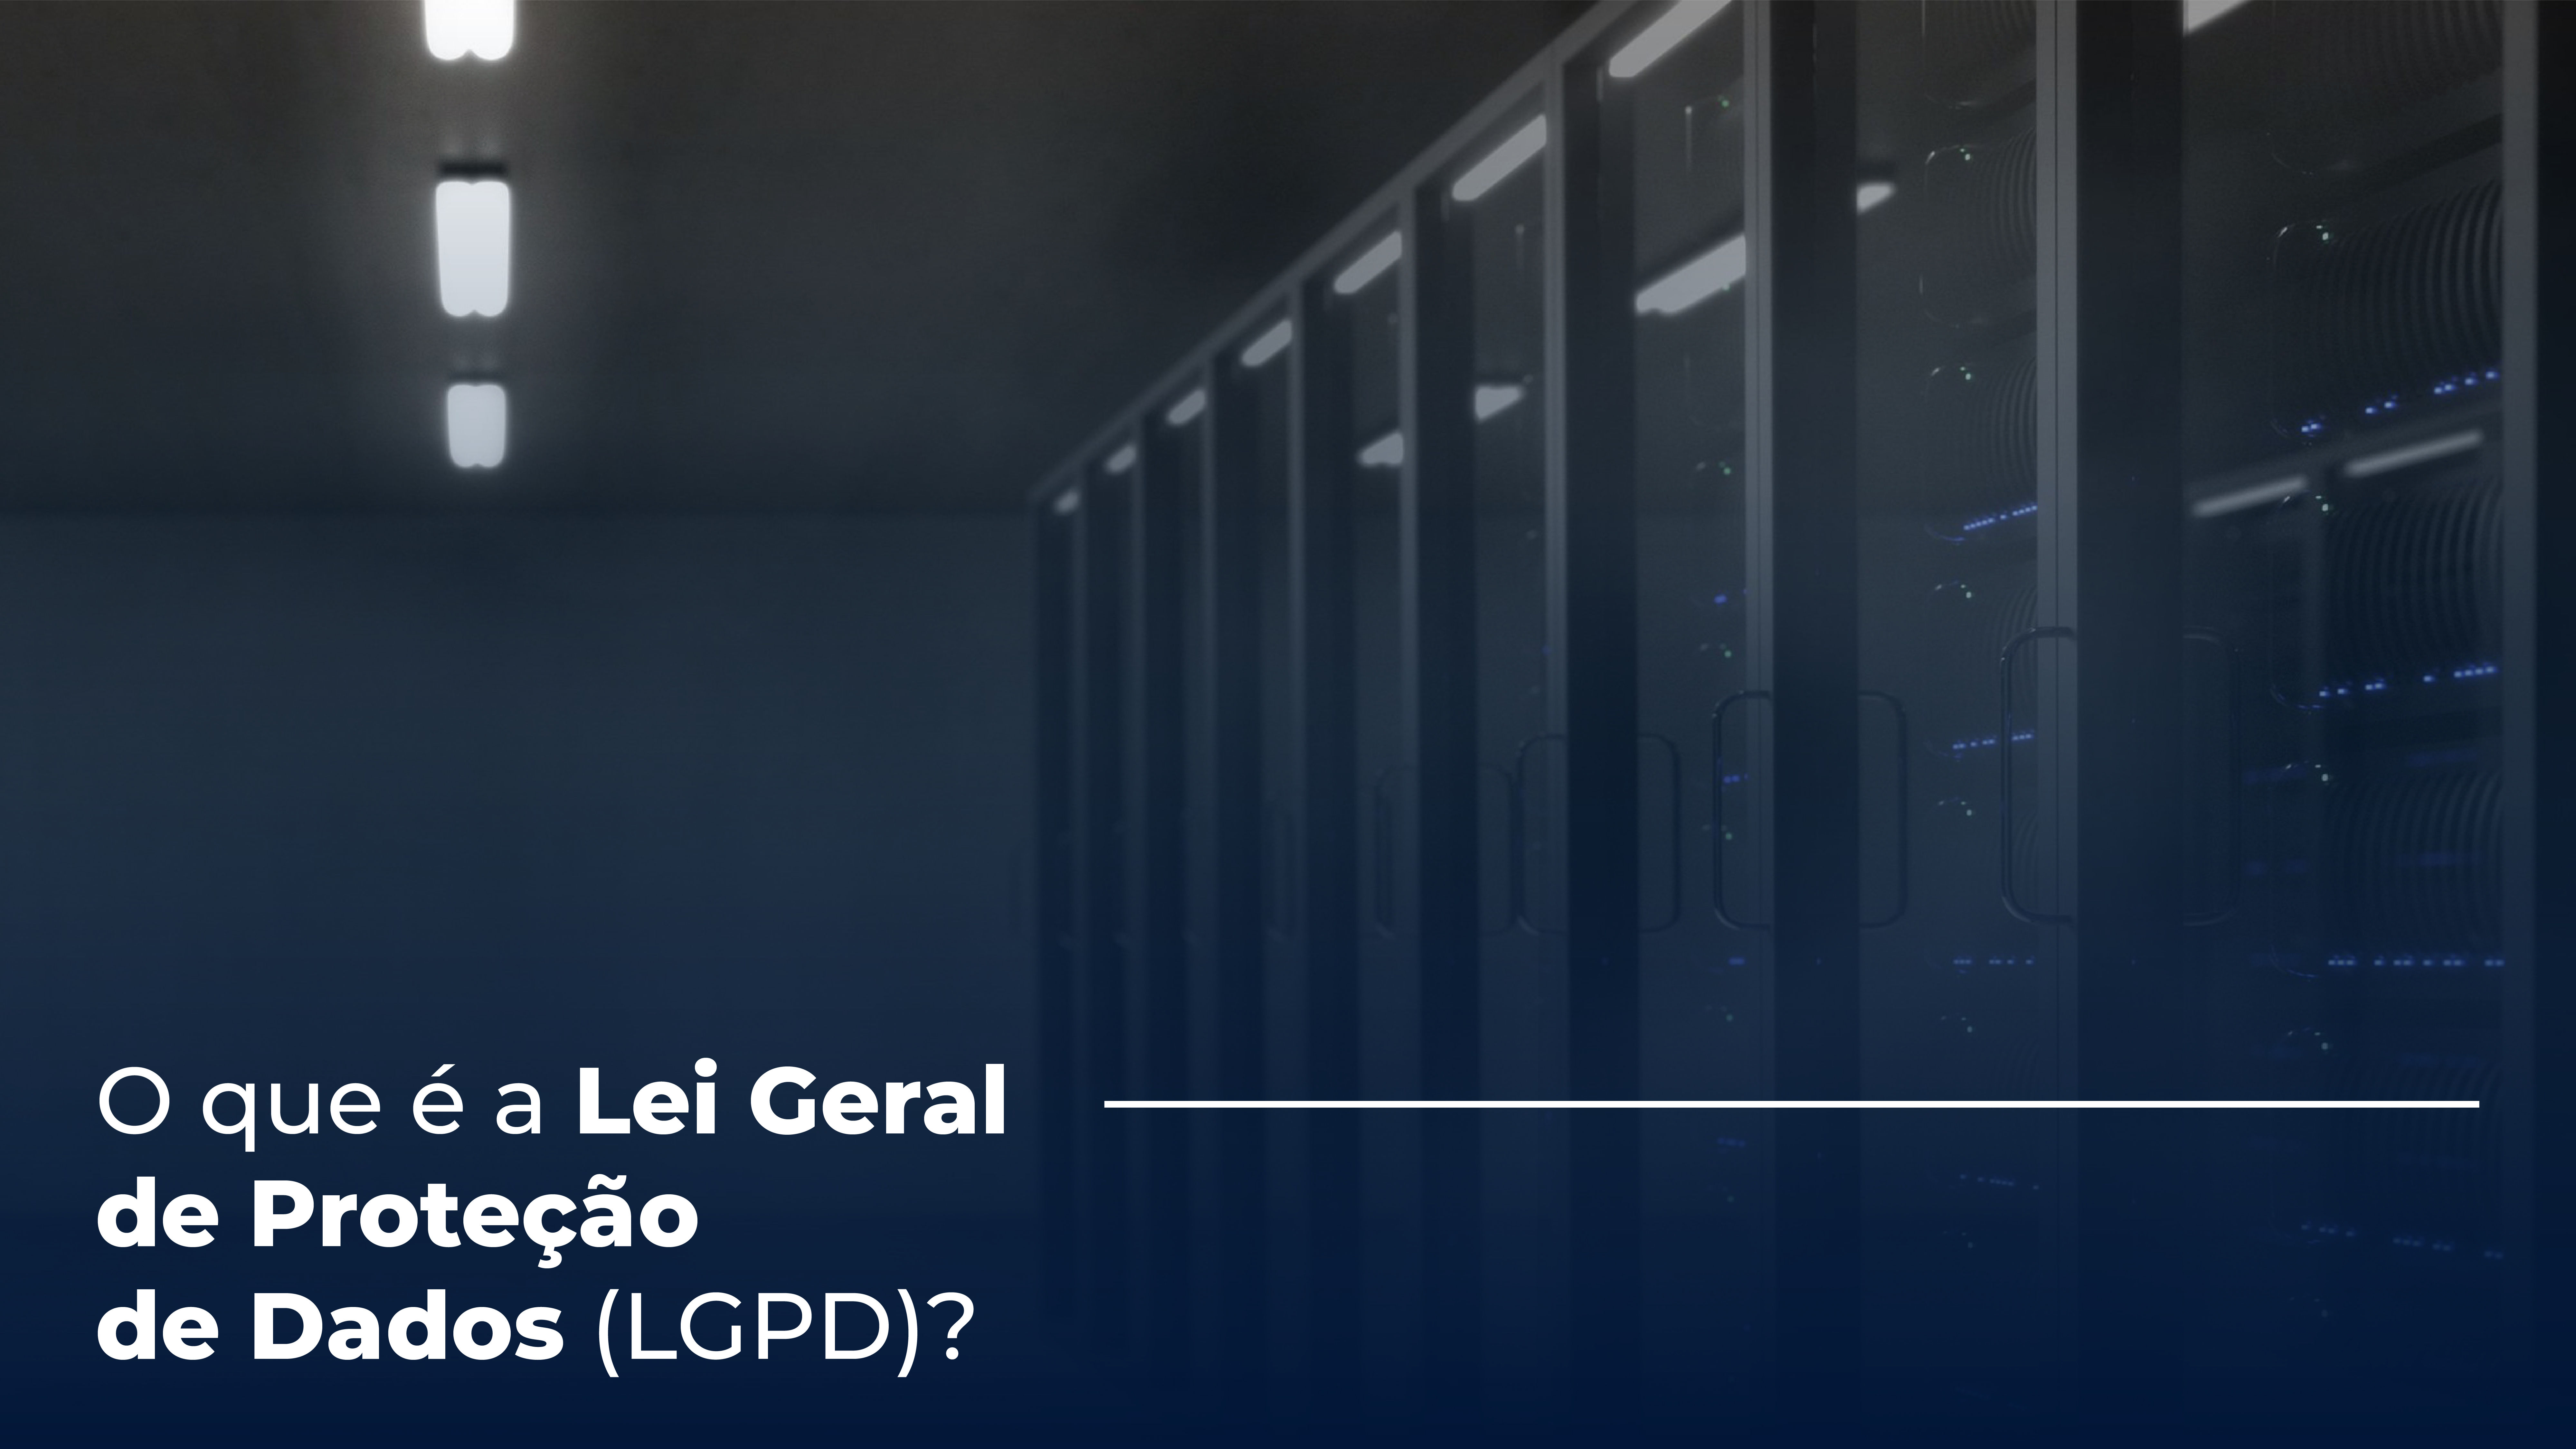 O que é a Lei Geral de Proteção de Dados (LGPD)?